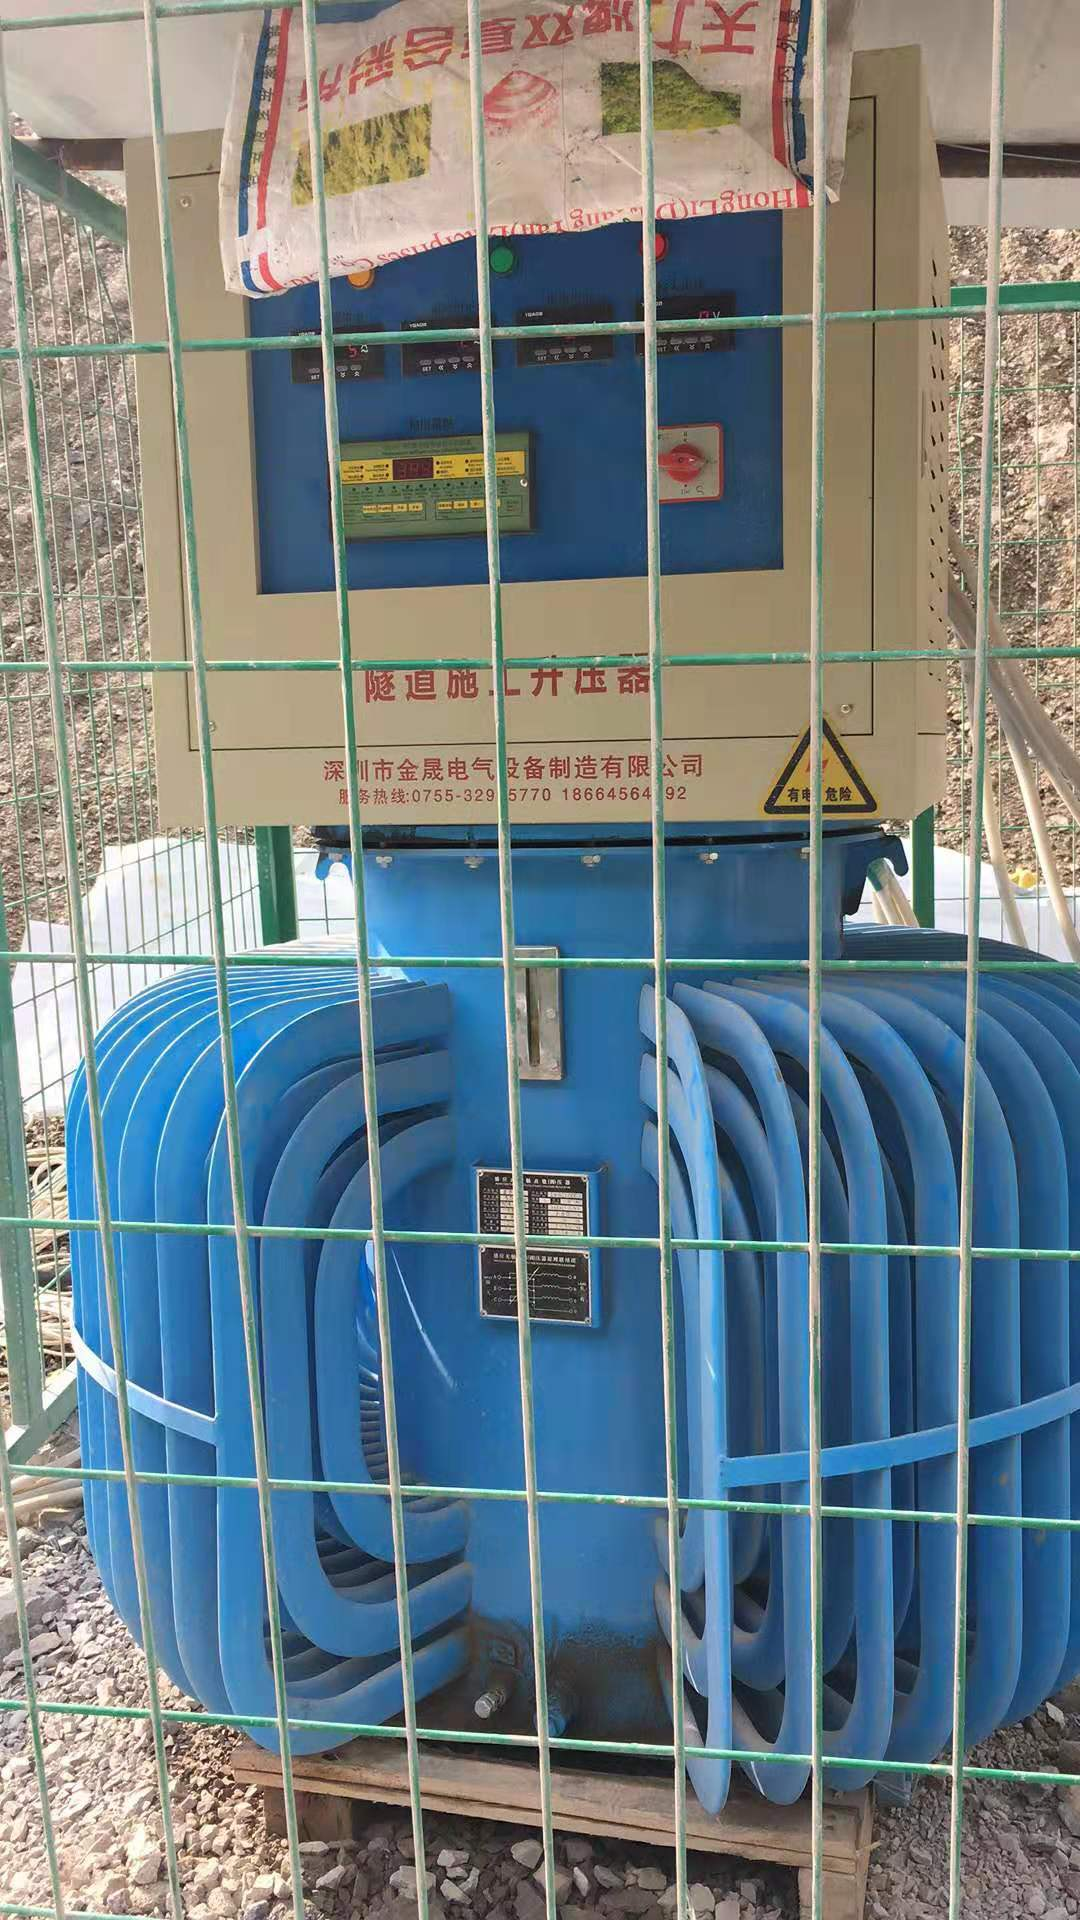 隔离变压器、UPS电源、隧道升压器、隧道稳压器、无触点稳压器厂家-深圳金晟电气设备制造有限公司